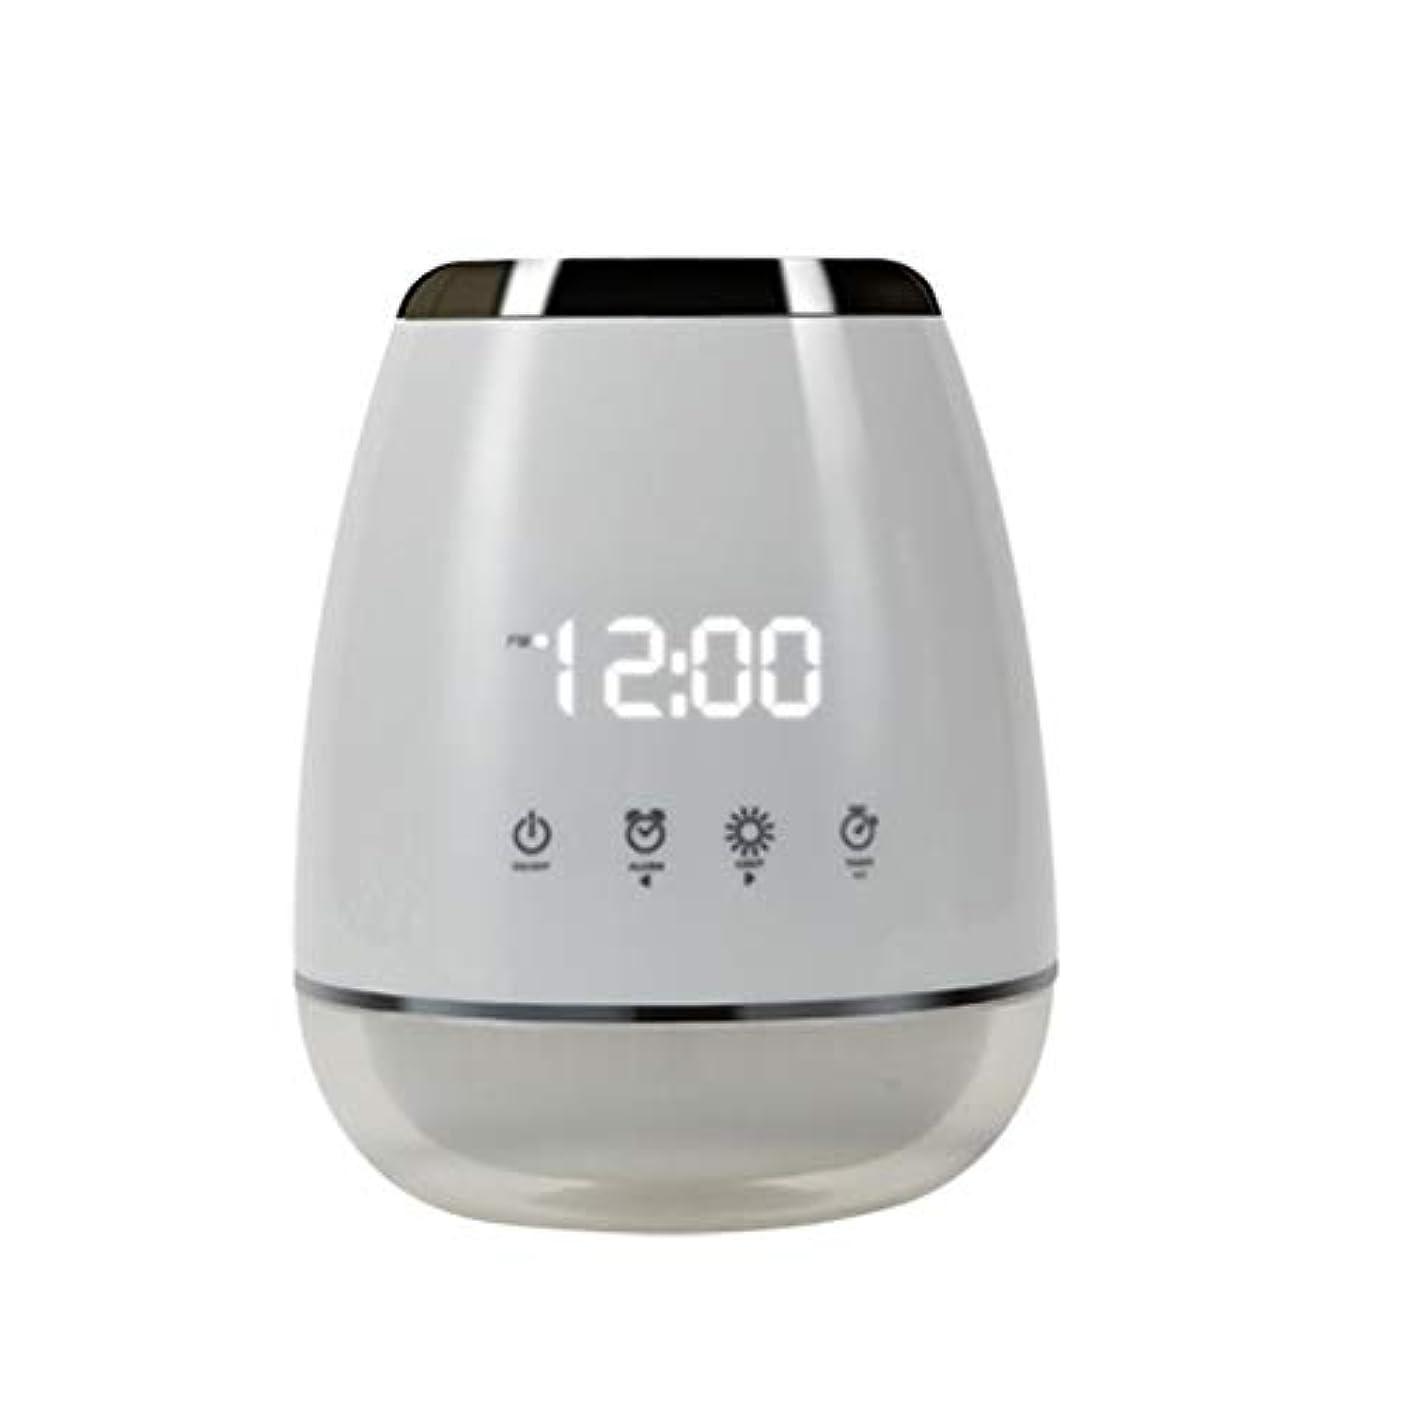 シェル調整可能平日エッセンシャルオイル アロマディフューザー 空気加湿器 アロマセラップ LED 超音波 クールミスト フォガー 加湿器 ディフューザー スプレー 家庭用 USプラグ付き ホワイト